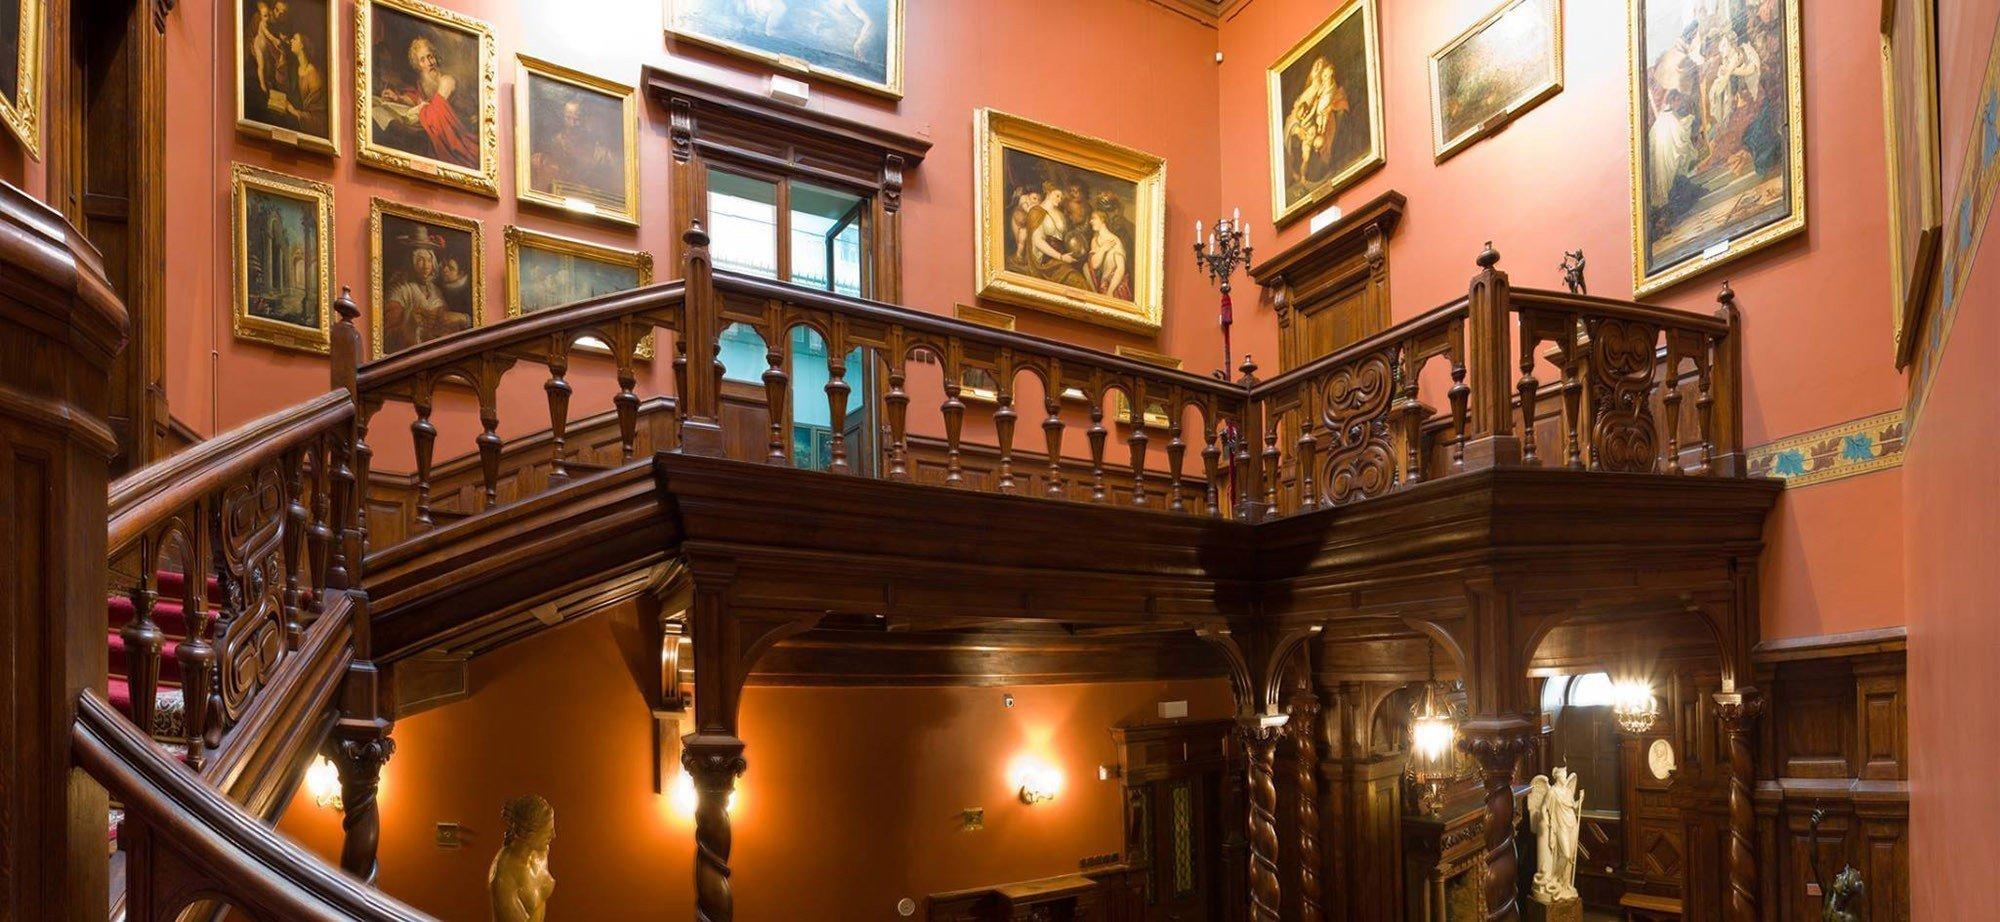 Дні відкритих дверей: коли у столичних музеїв безкоштовний вхід